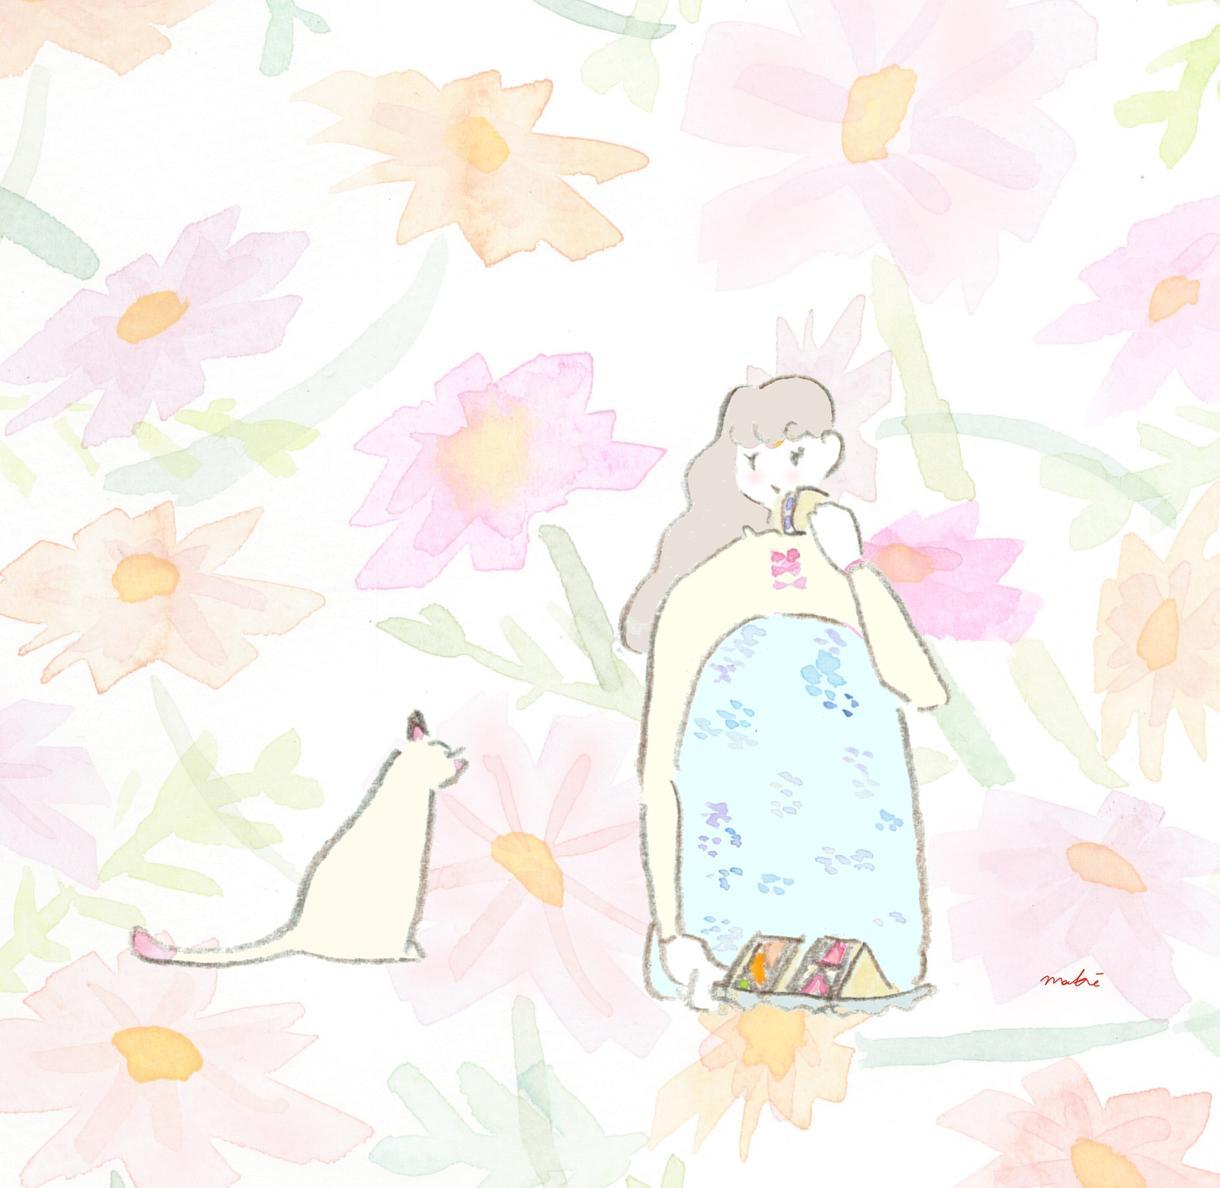 ナチュラル水彩♡イラスト描きます 透明水彩×色えんぴつ♡優しくてかわいいオリジナルイラスト